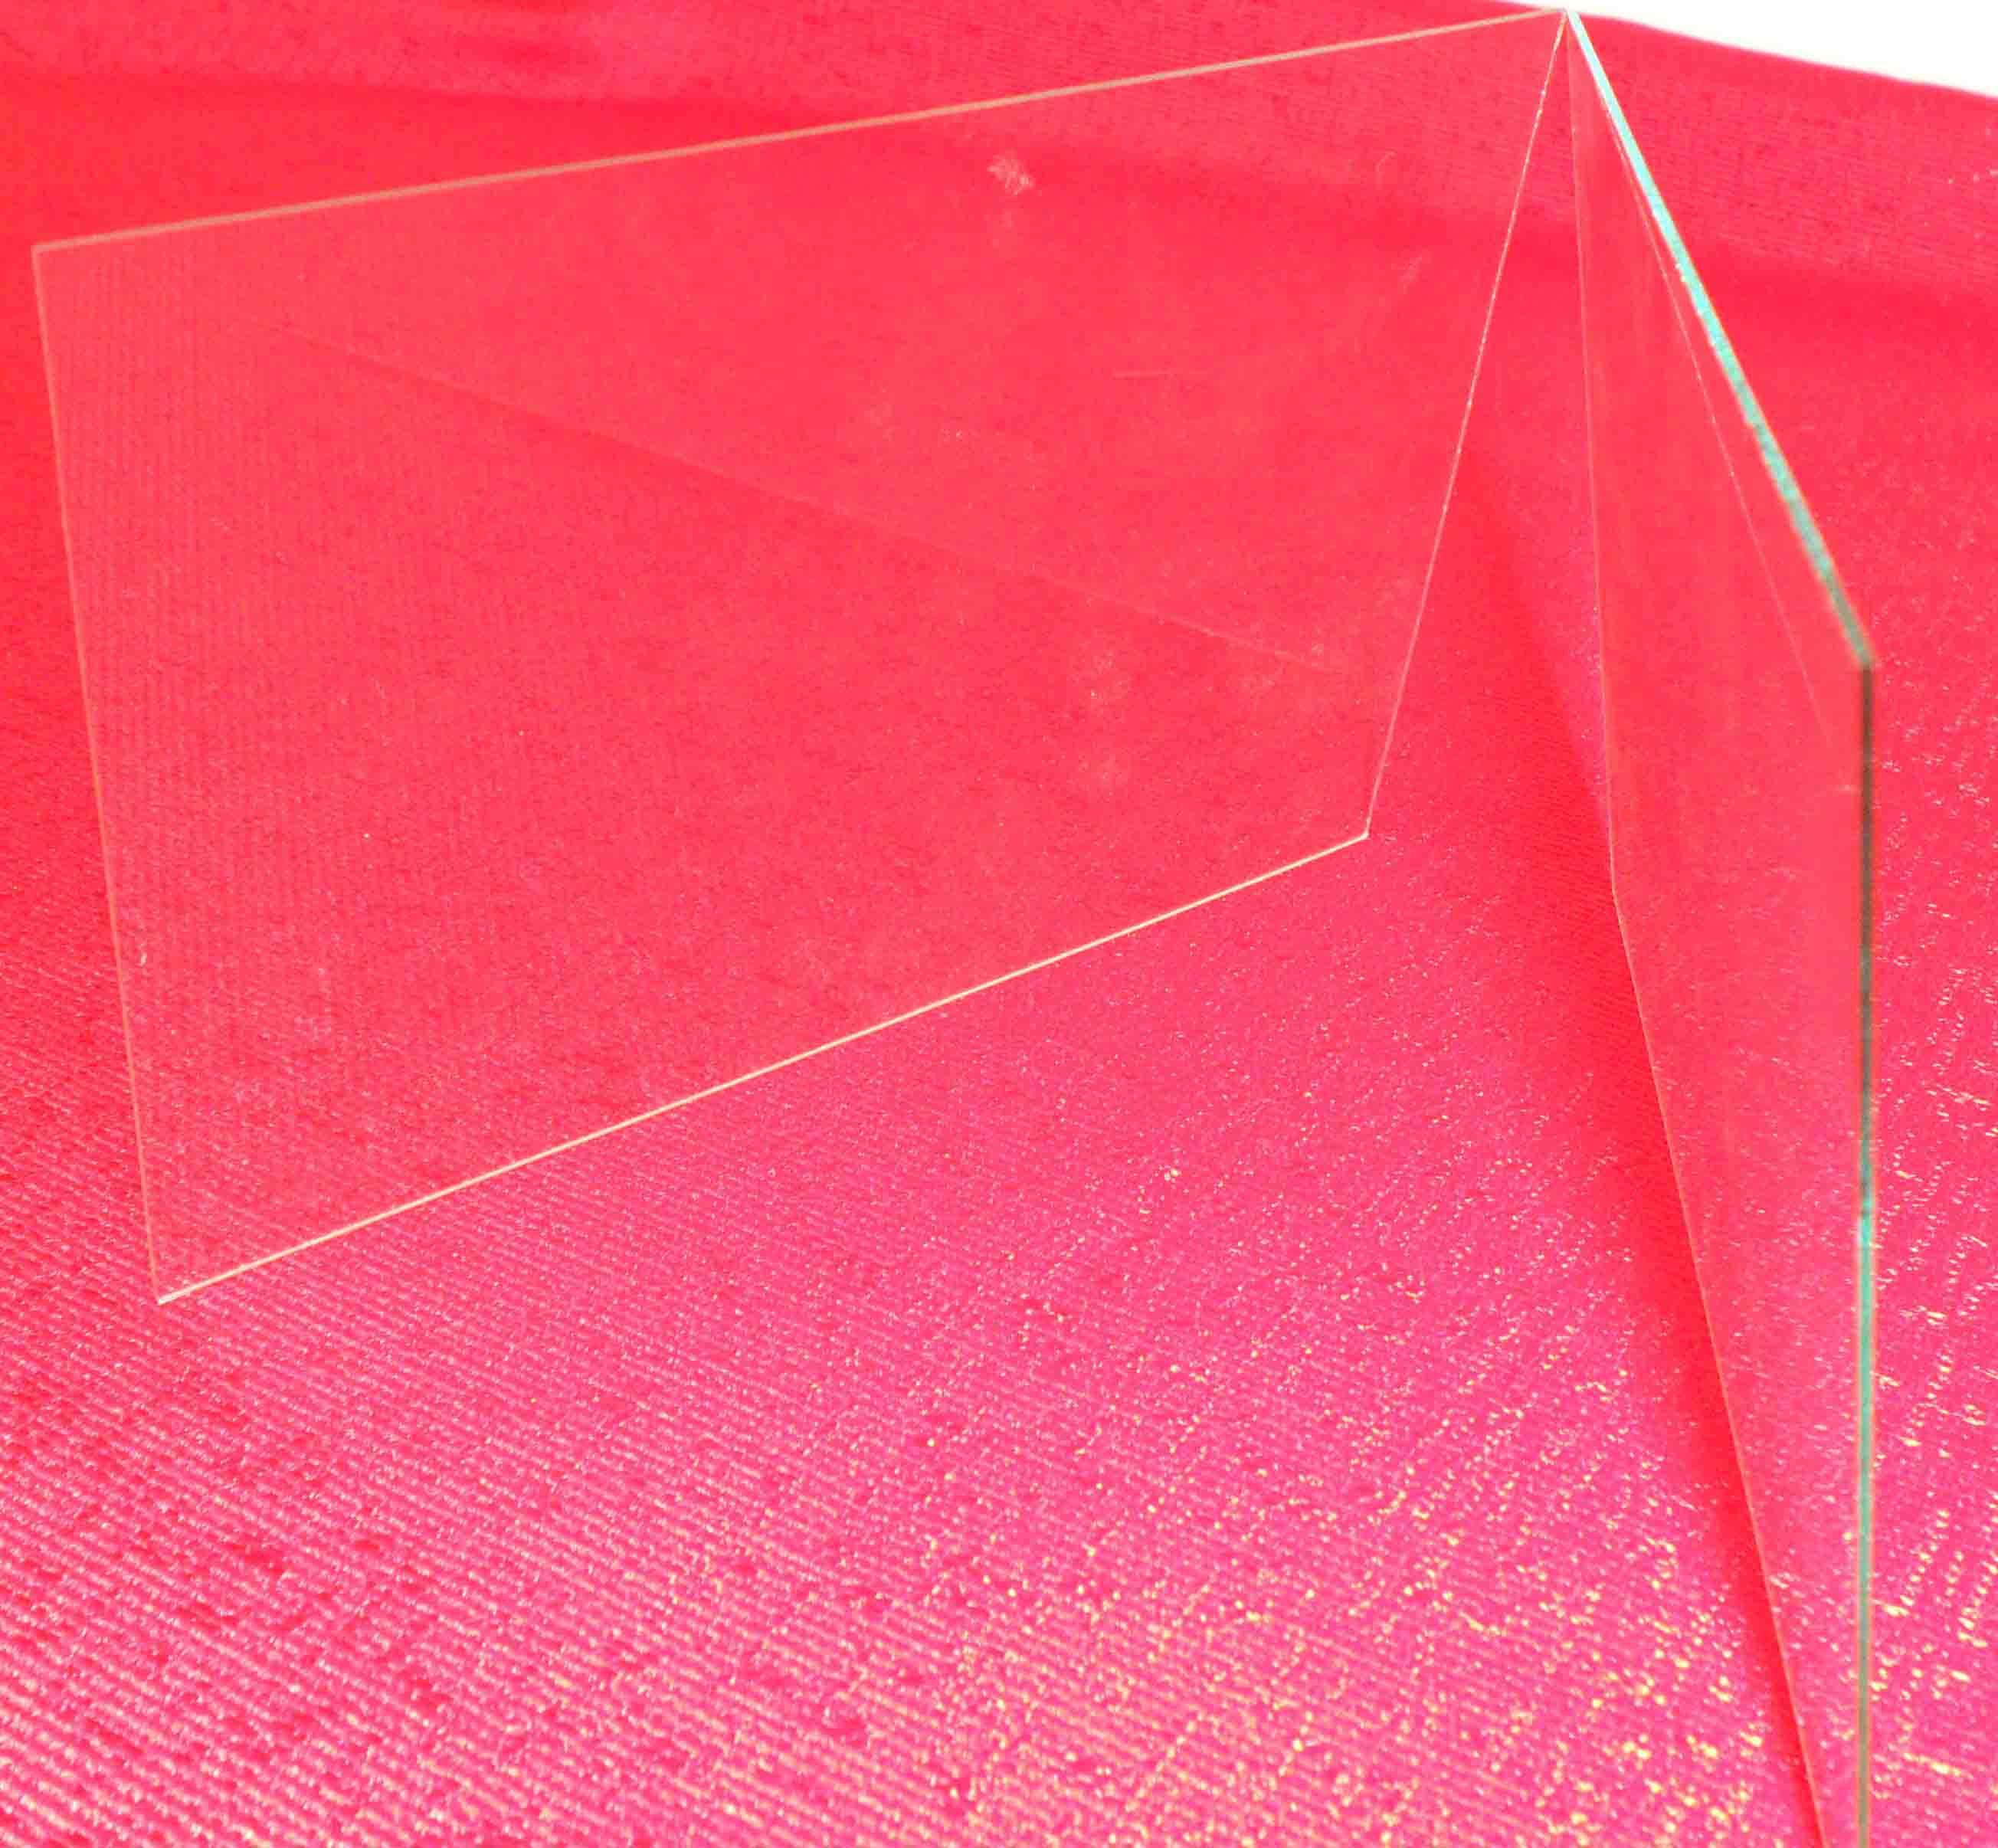 供应优质超薄玻璃/规格齐全/价格好